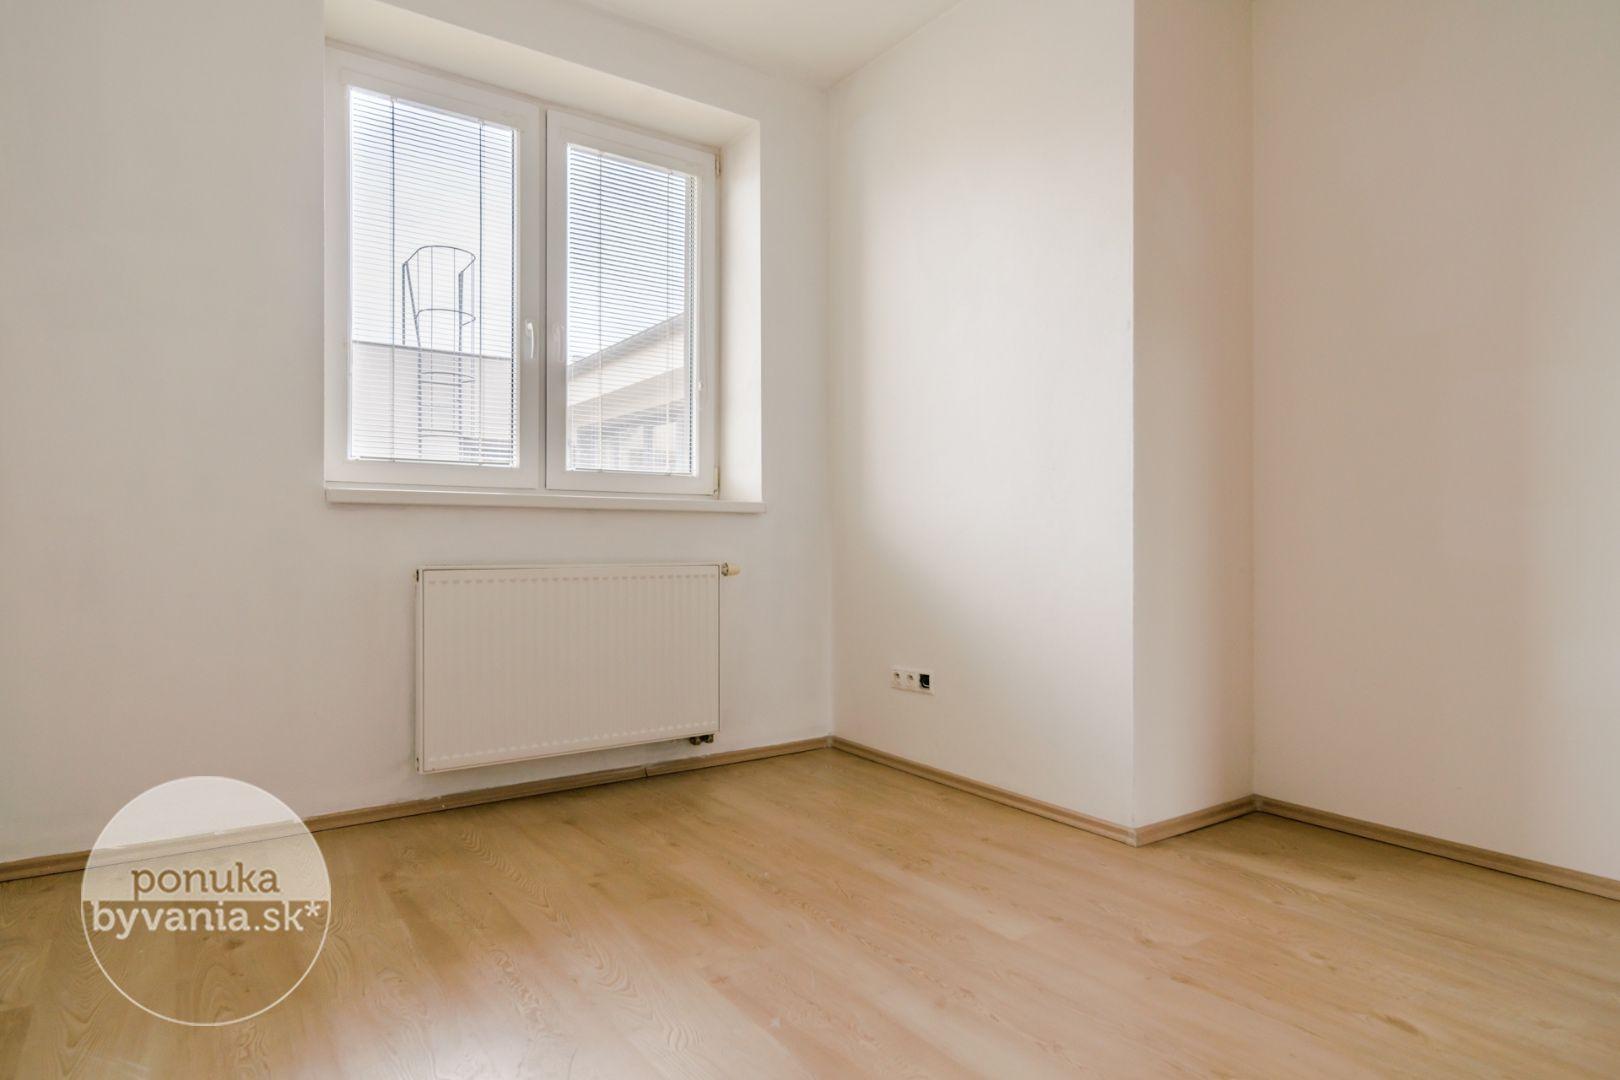 ponukabyvania.sk_Holubyho_3-izbový-byt_BARTA